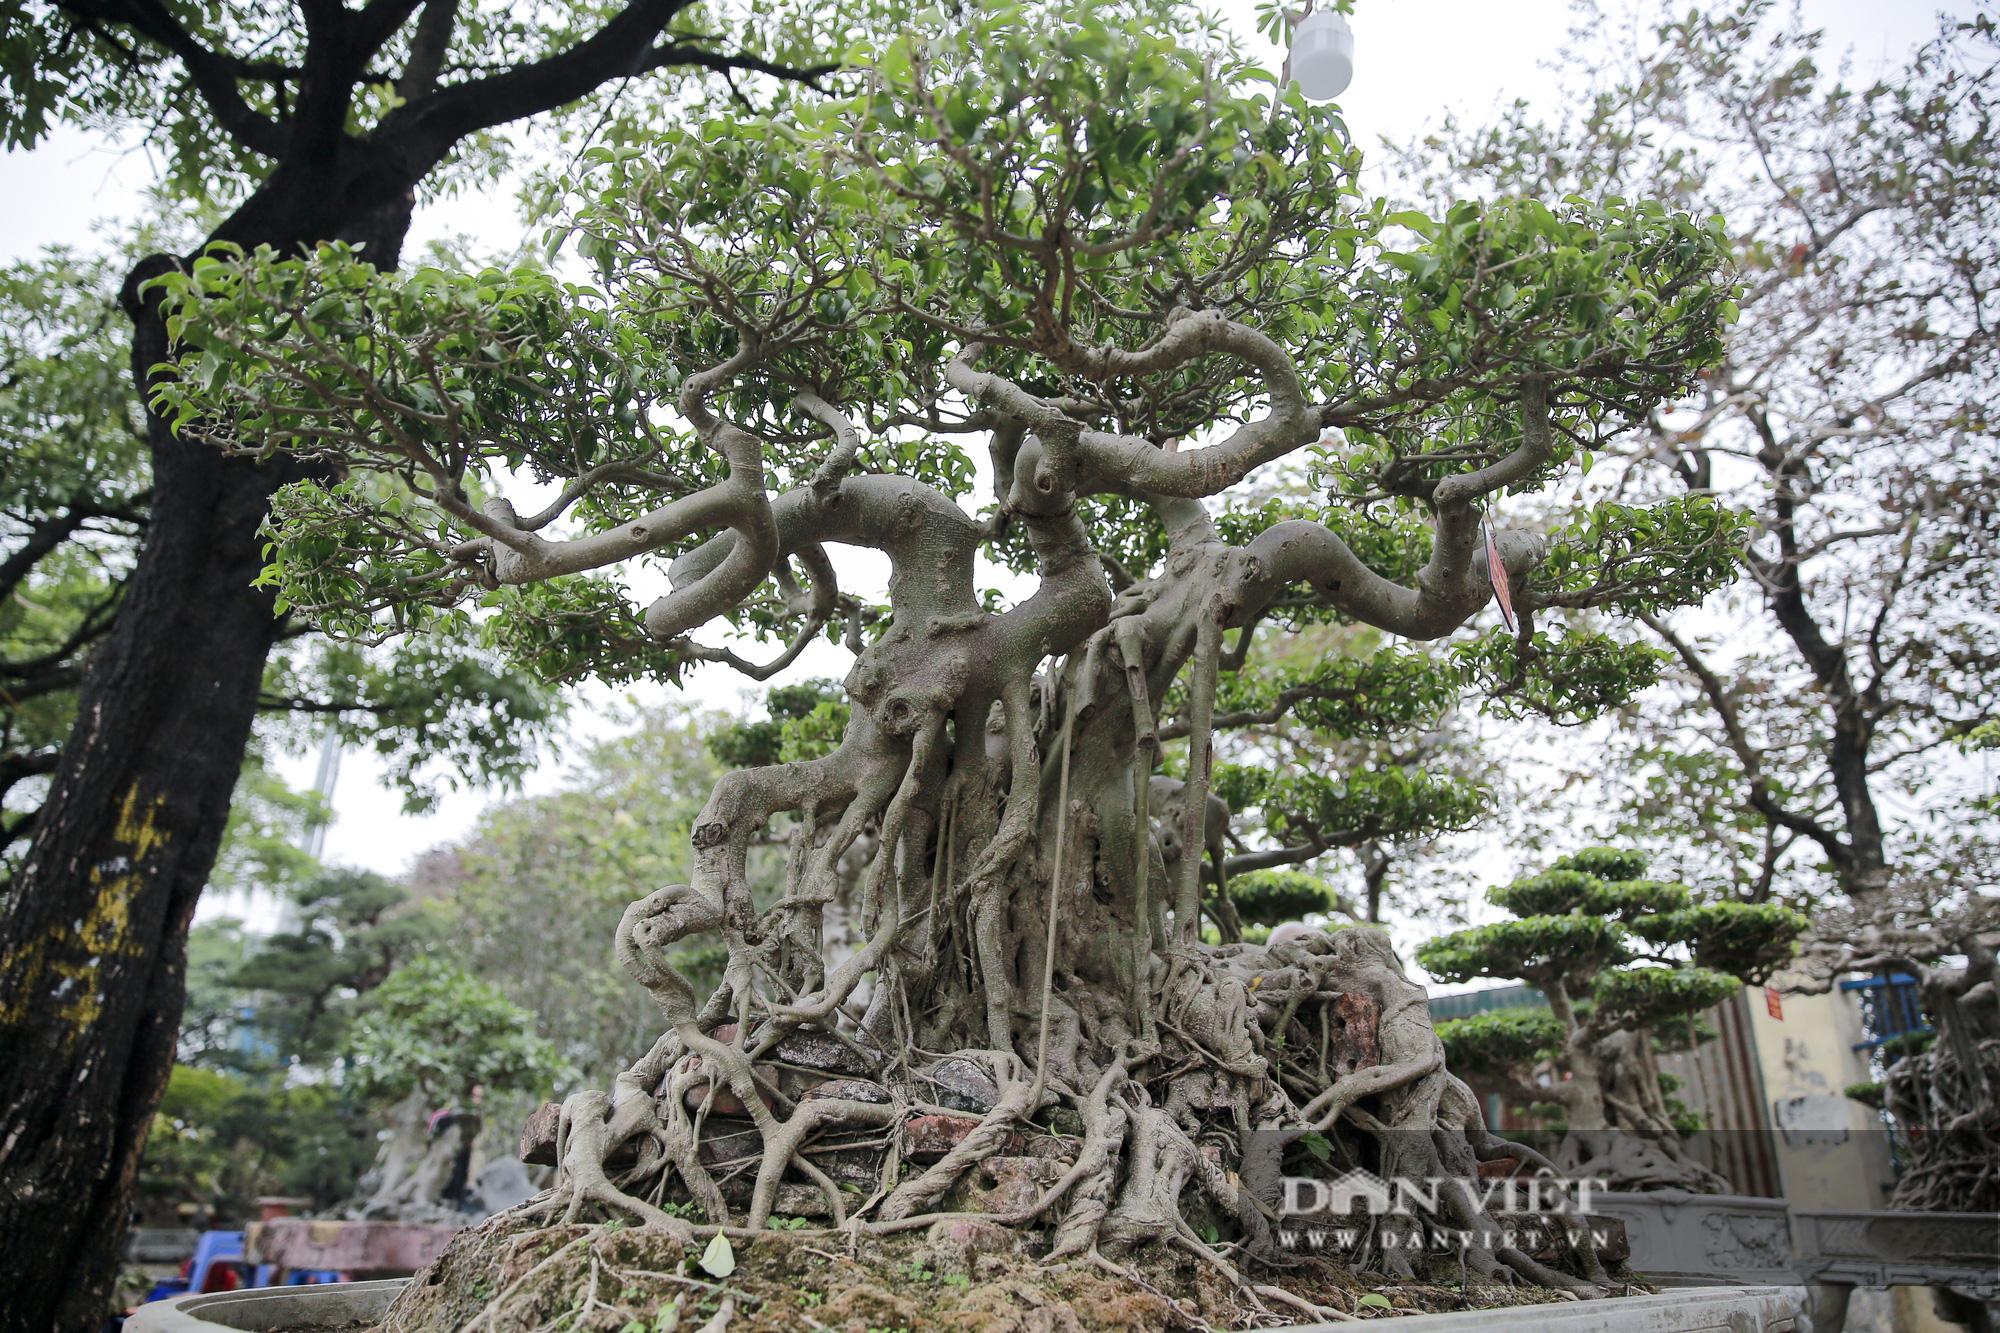 Mãn nhãn với những chậu bonsai quý hiếm tại Festival Sinh vật cảnh Hà Nội - Ảnh 11.